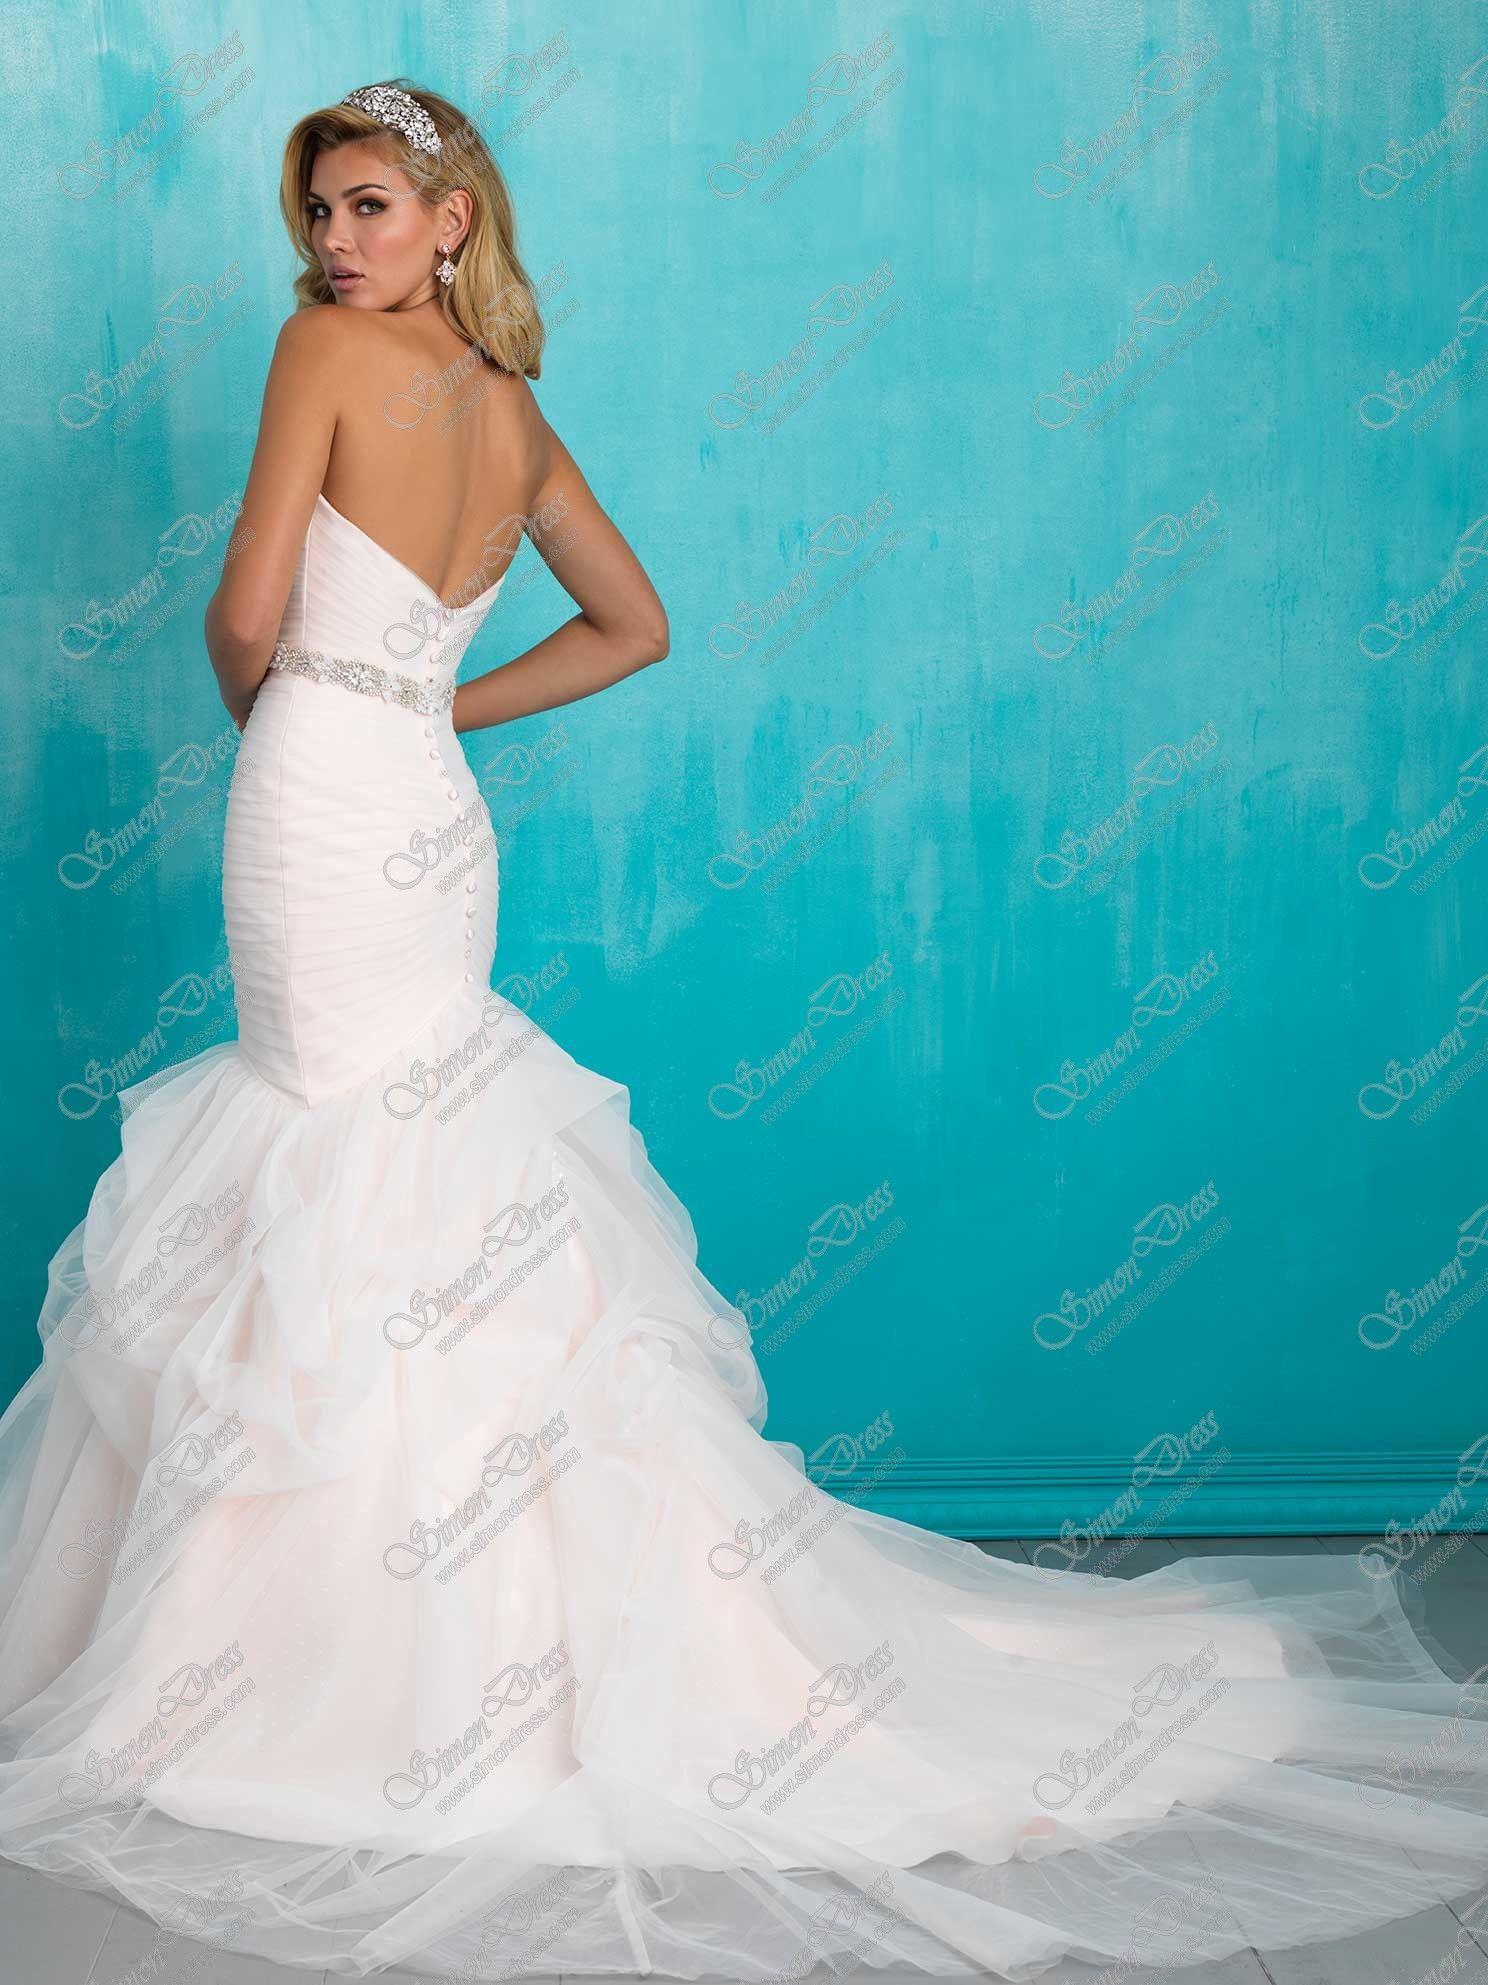 Allure bridals wedding dress style allure bridals wedding